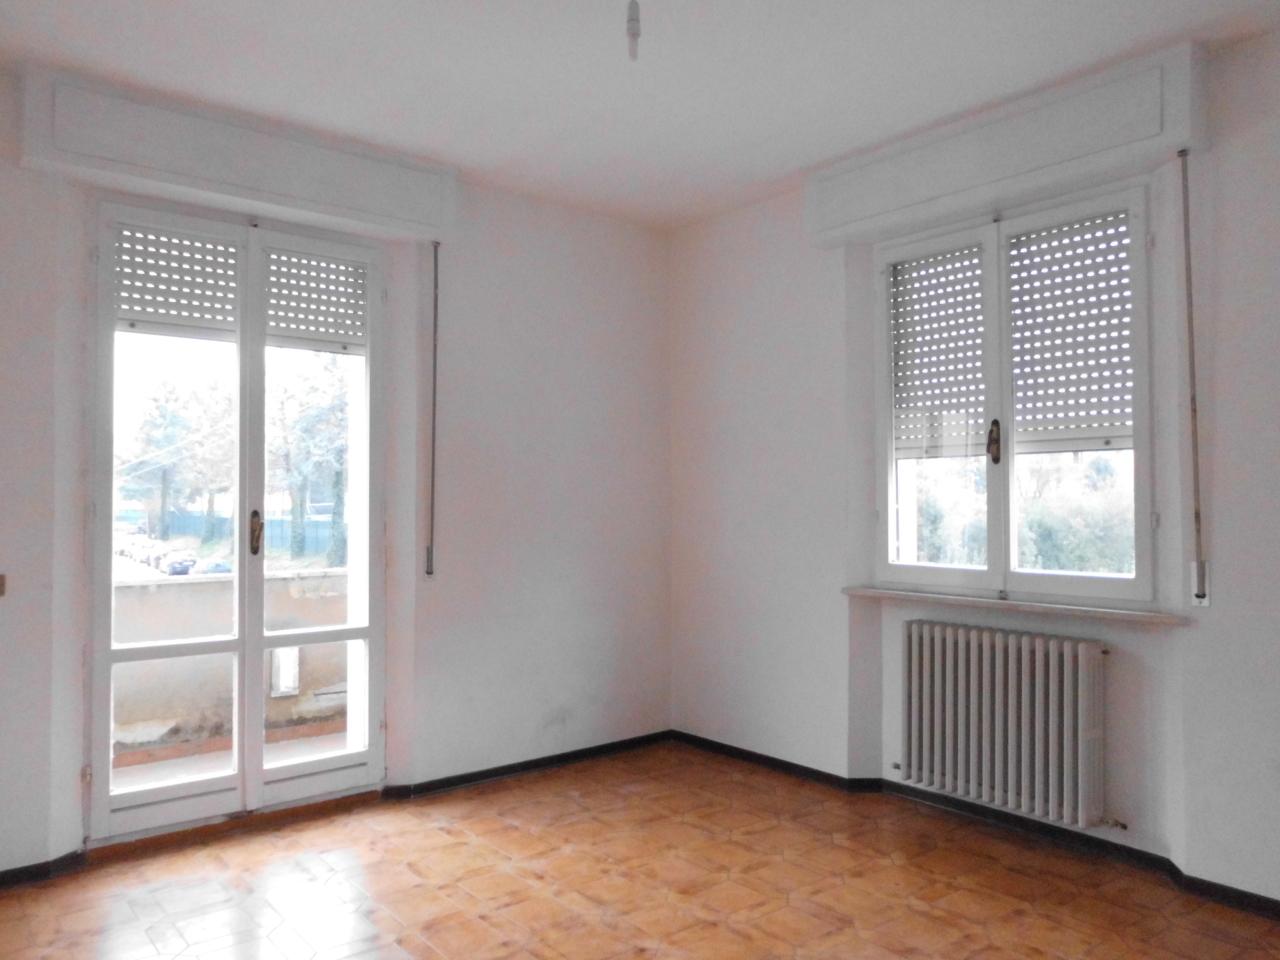 Appartamento in vendita a Jesi, 6 locali, prezzo € 130.000 | Cambio Casa.it